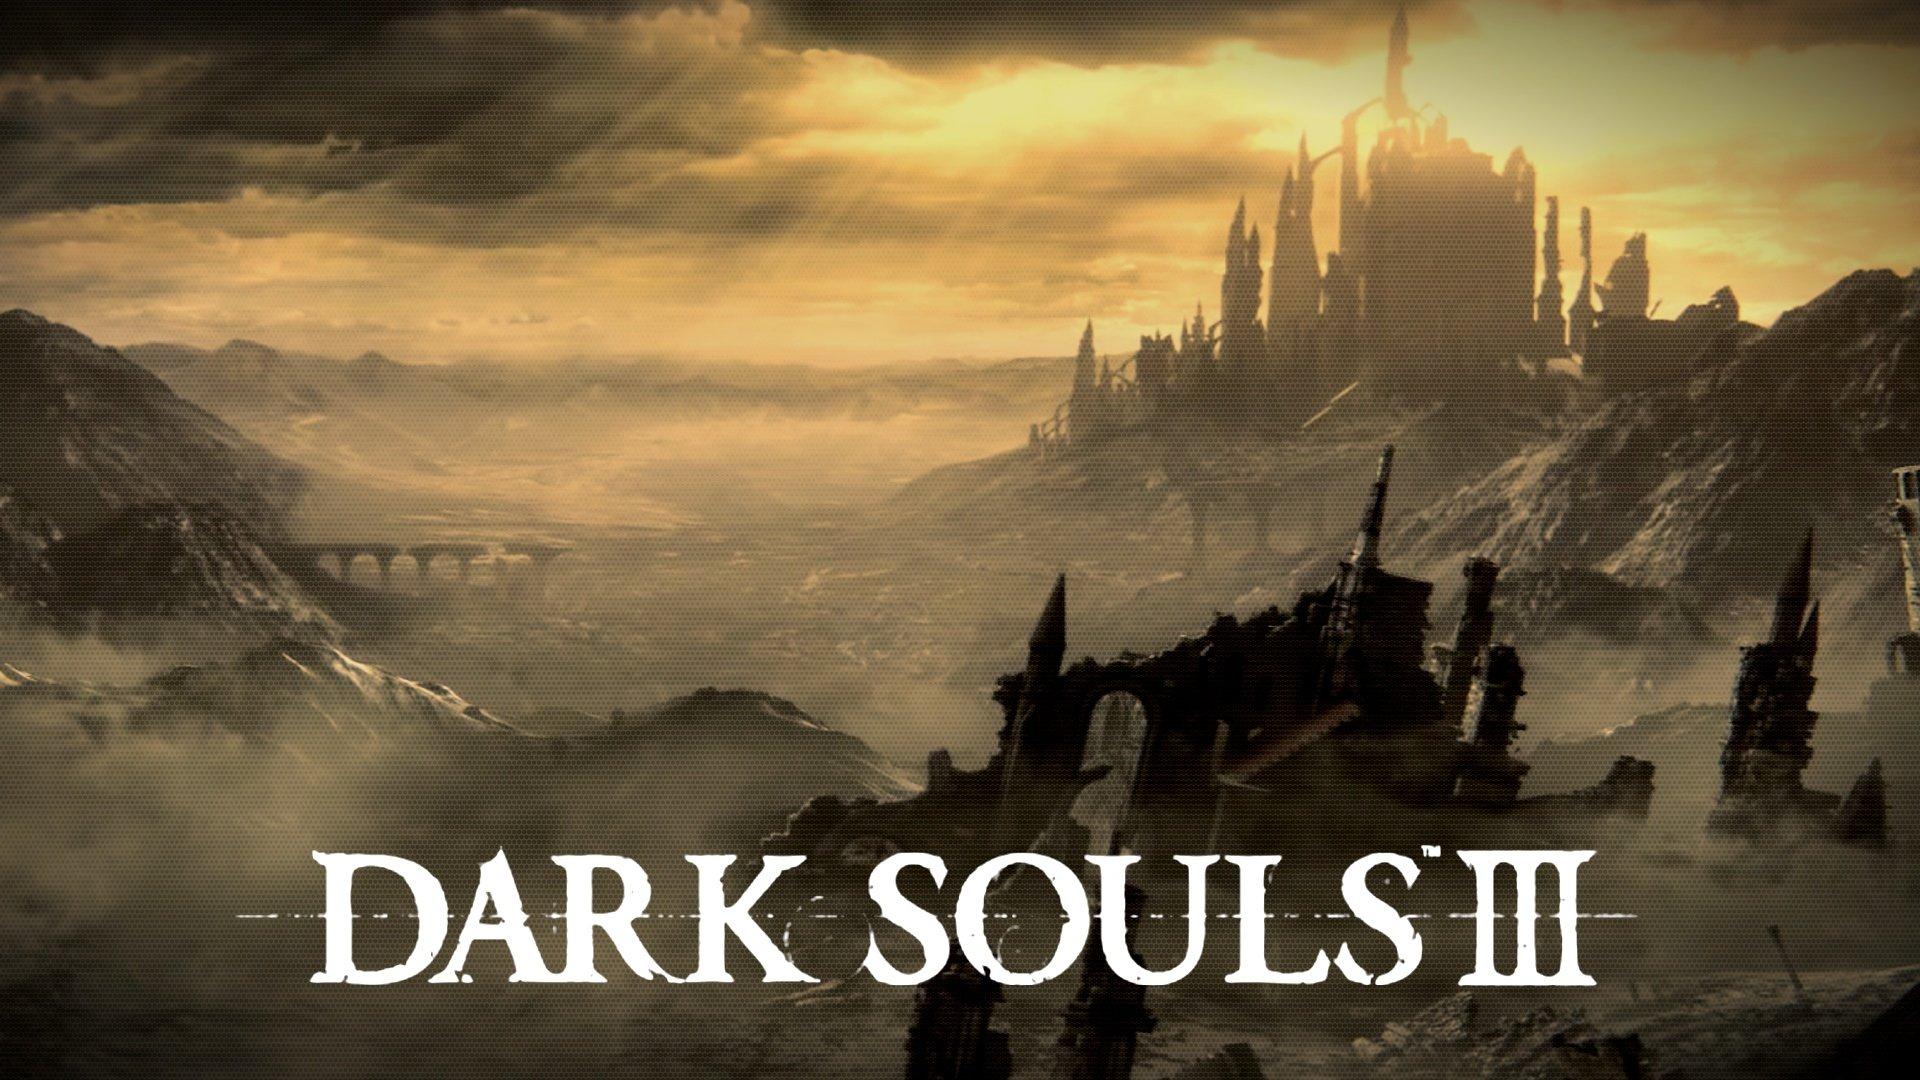 Dark Souls 3 Wallpaper 1920x1080 - WallpaperSafari